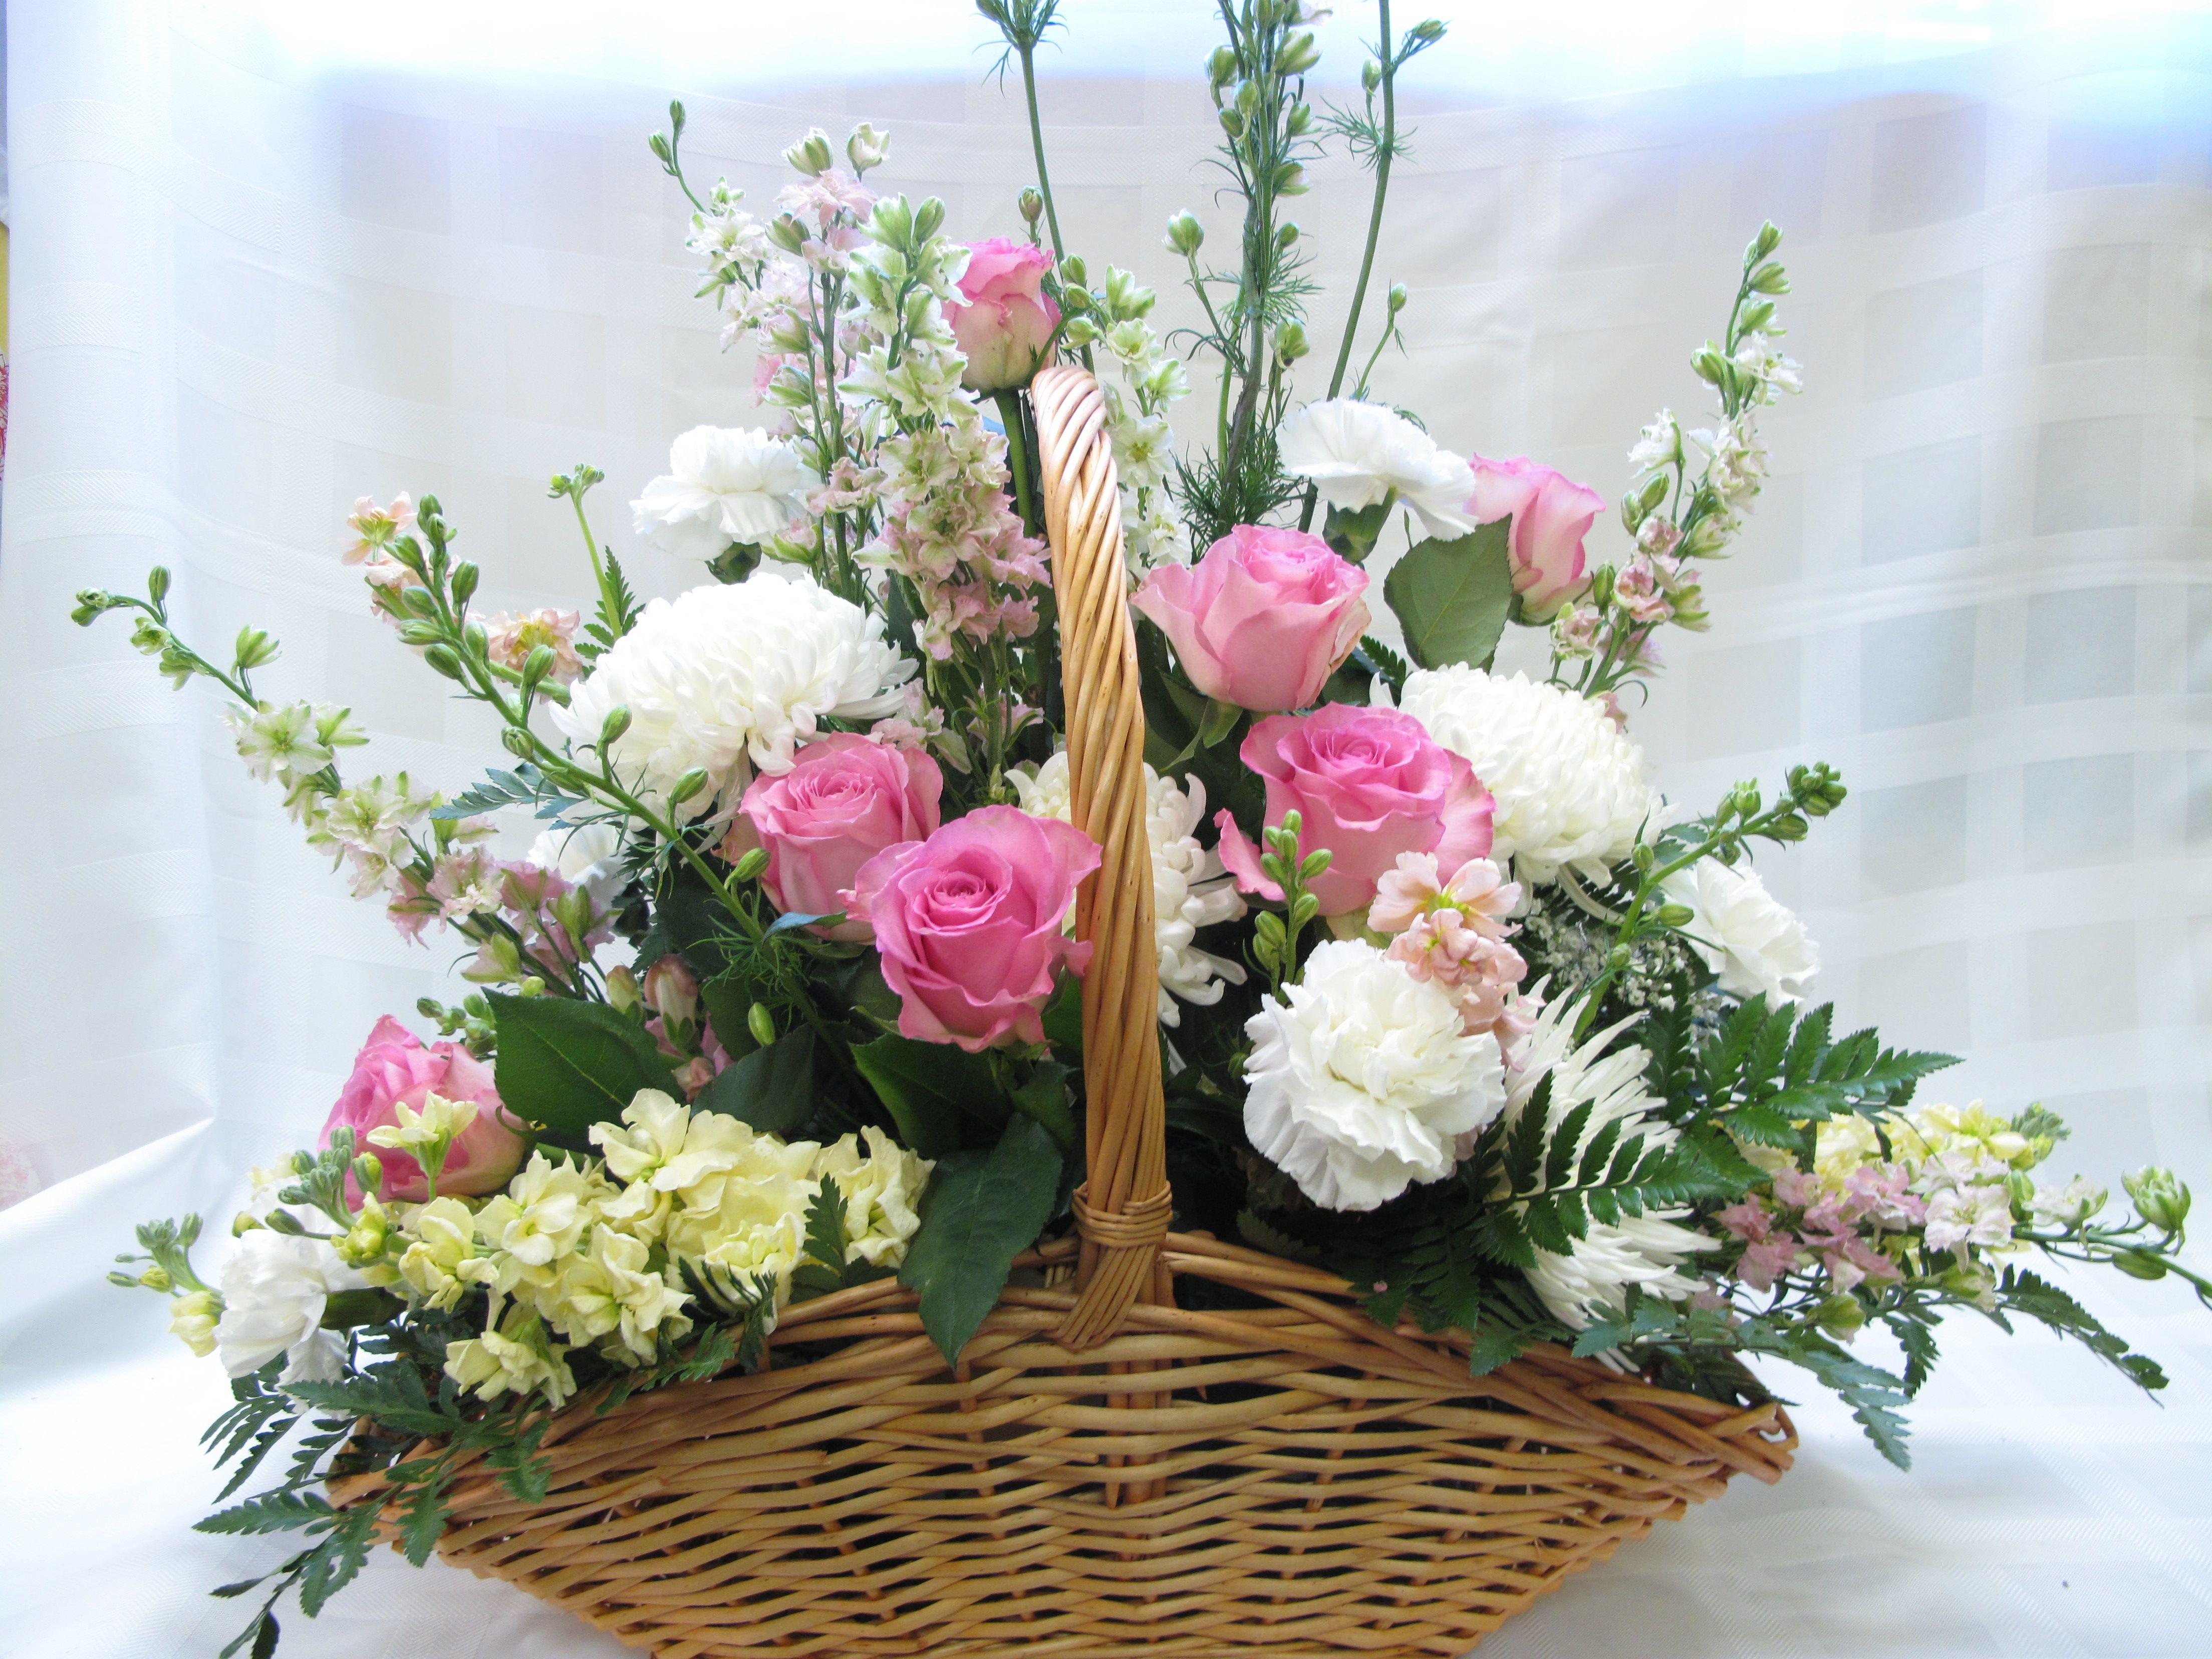 Basket Flower Decoration 17 Best Images About Floral Baskets On Pinterest Tulip Pink